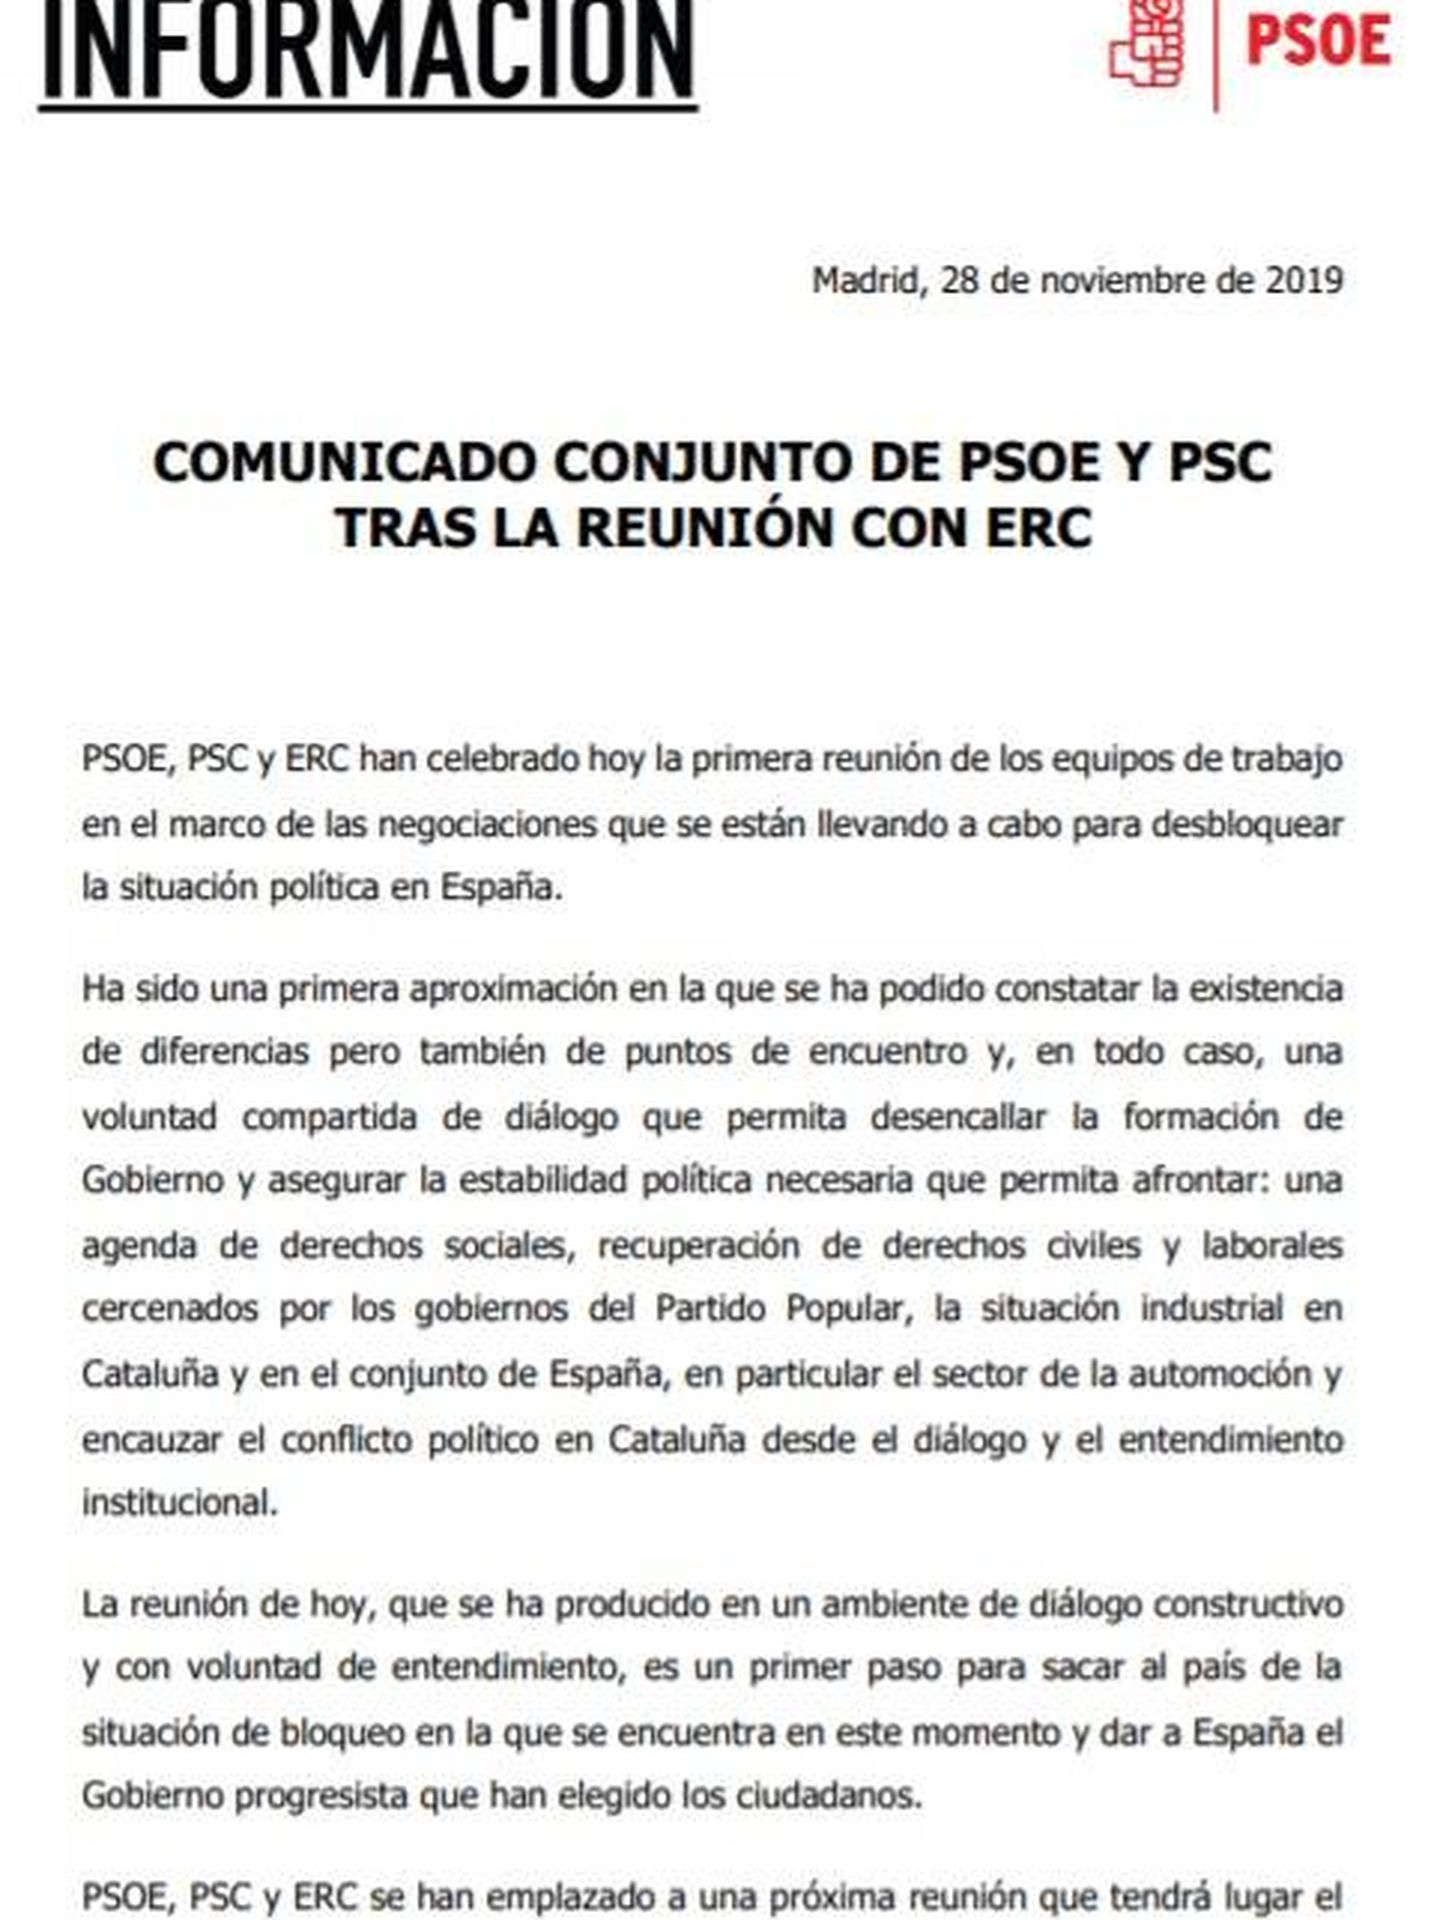 Consulte aquí en PDF los comunicados de PSOE y ERC tras su primera reunión formal este 28 de noviembre en el Congreso.